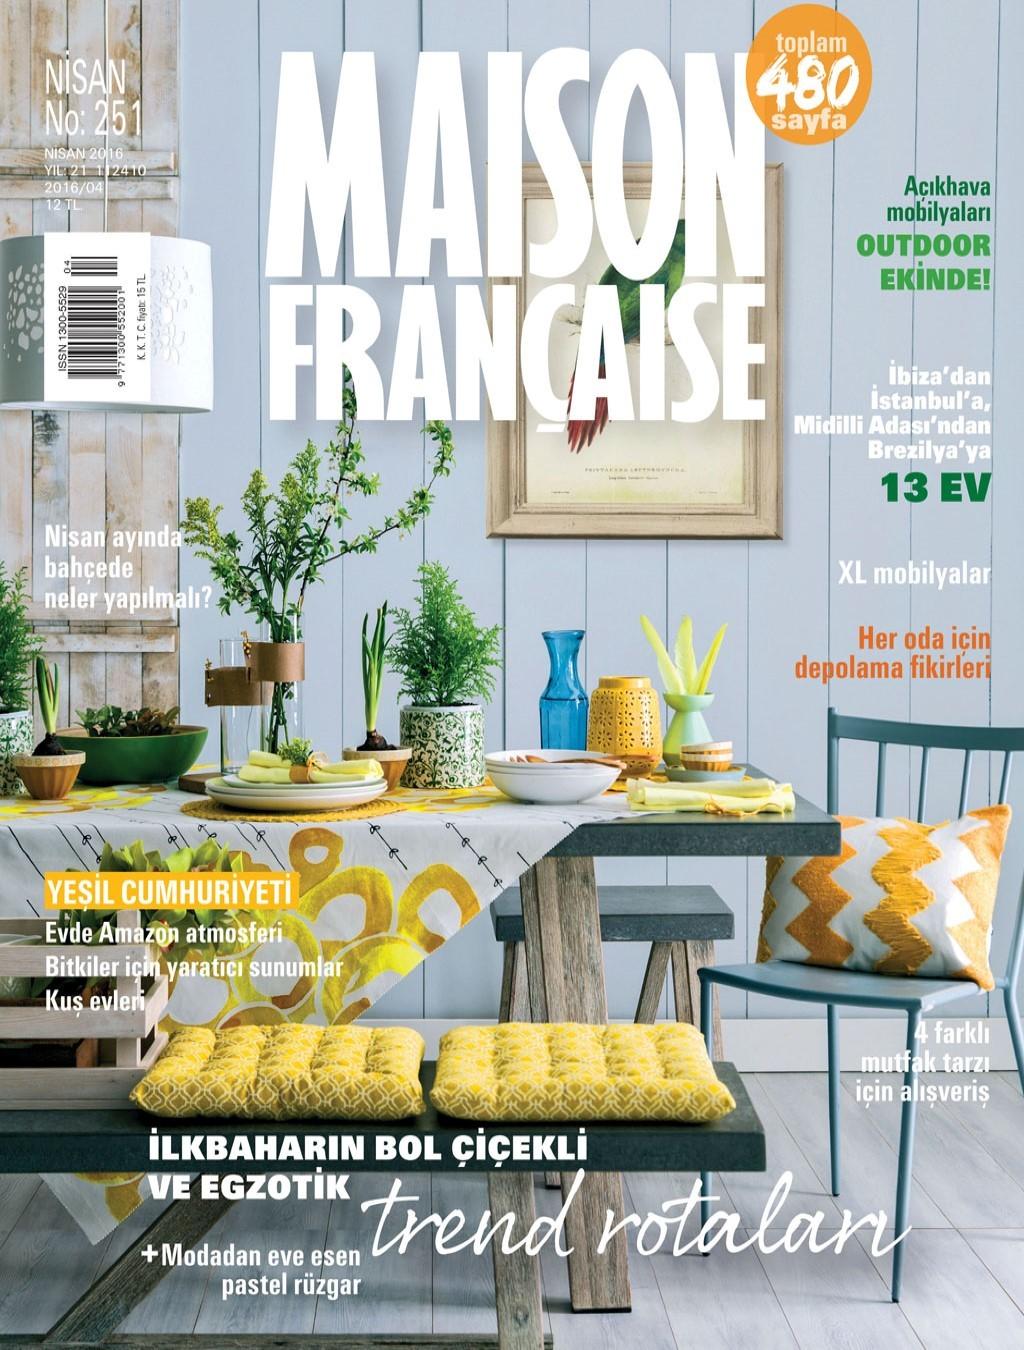 Maison Francaise Nisan E-dergi indir Sandalca.com